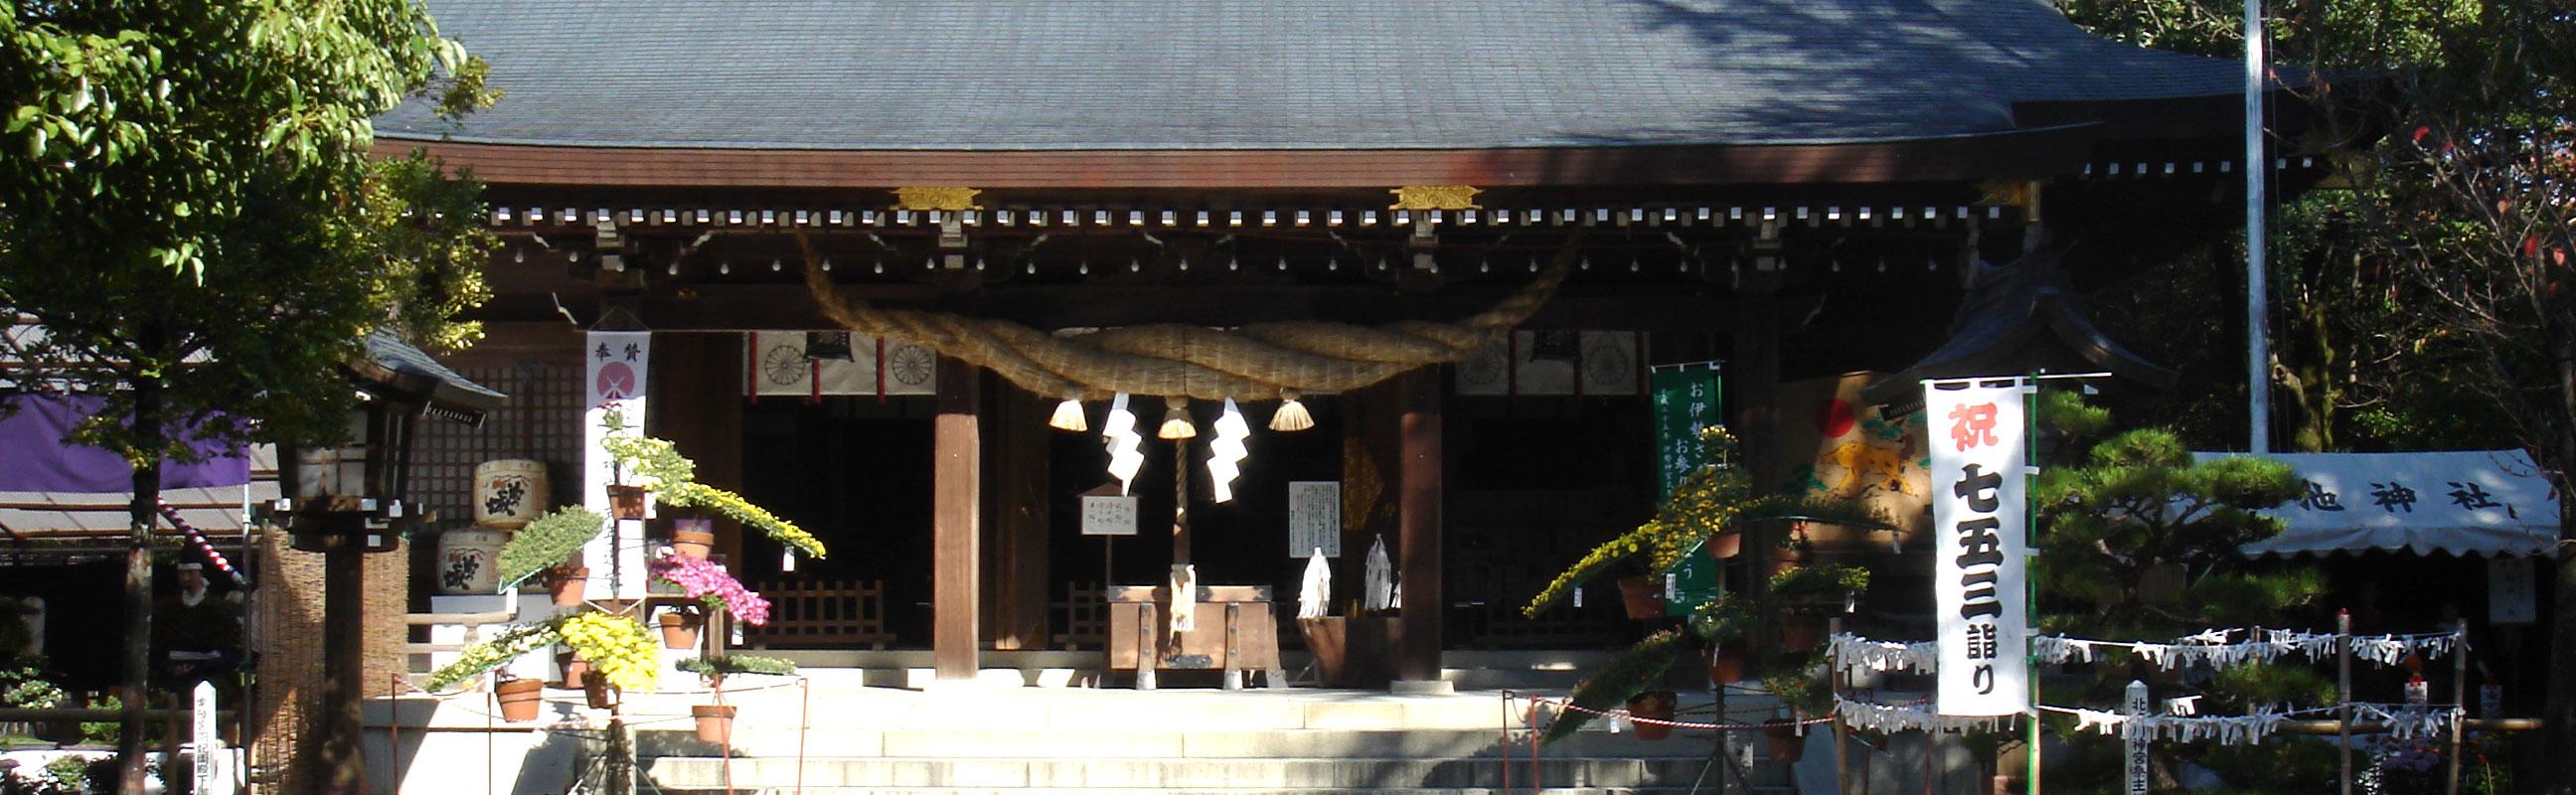 菊池神社と我ふるさと菊池